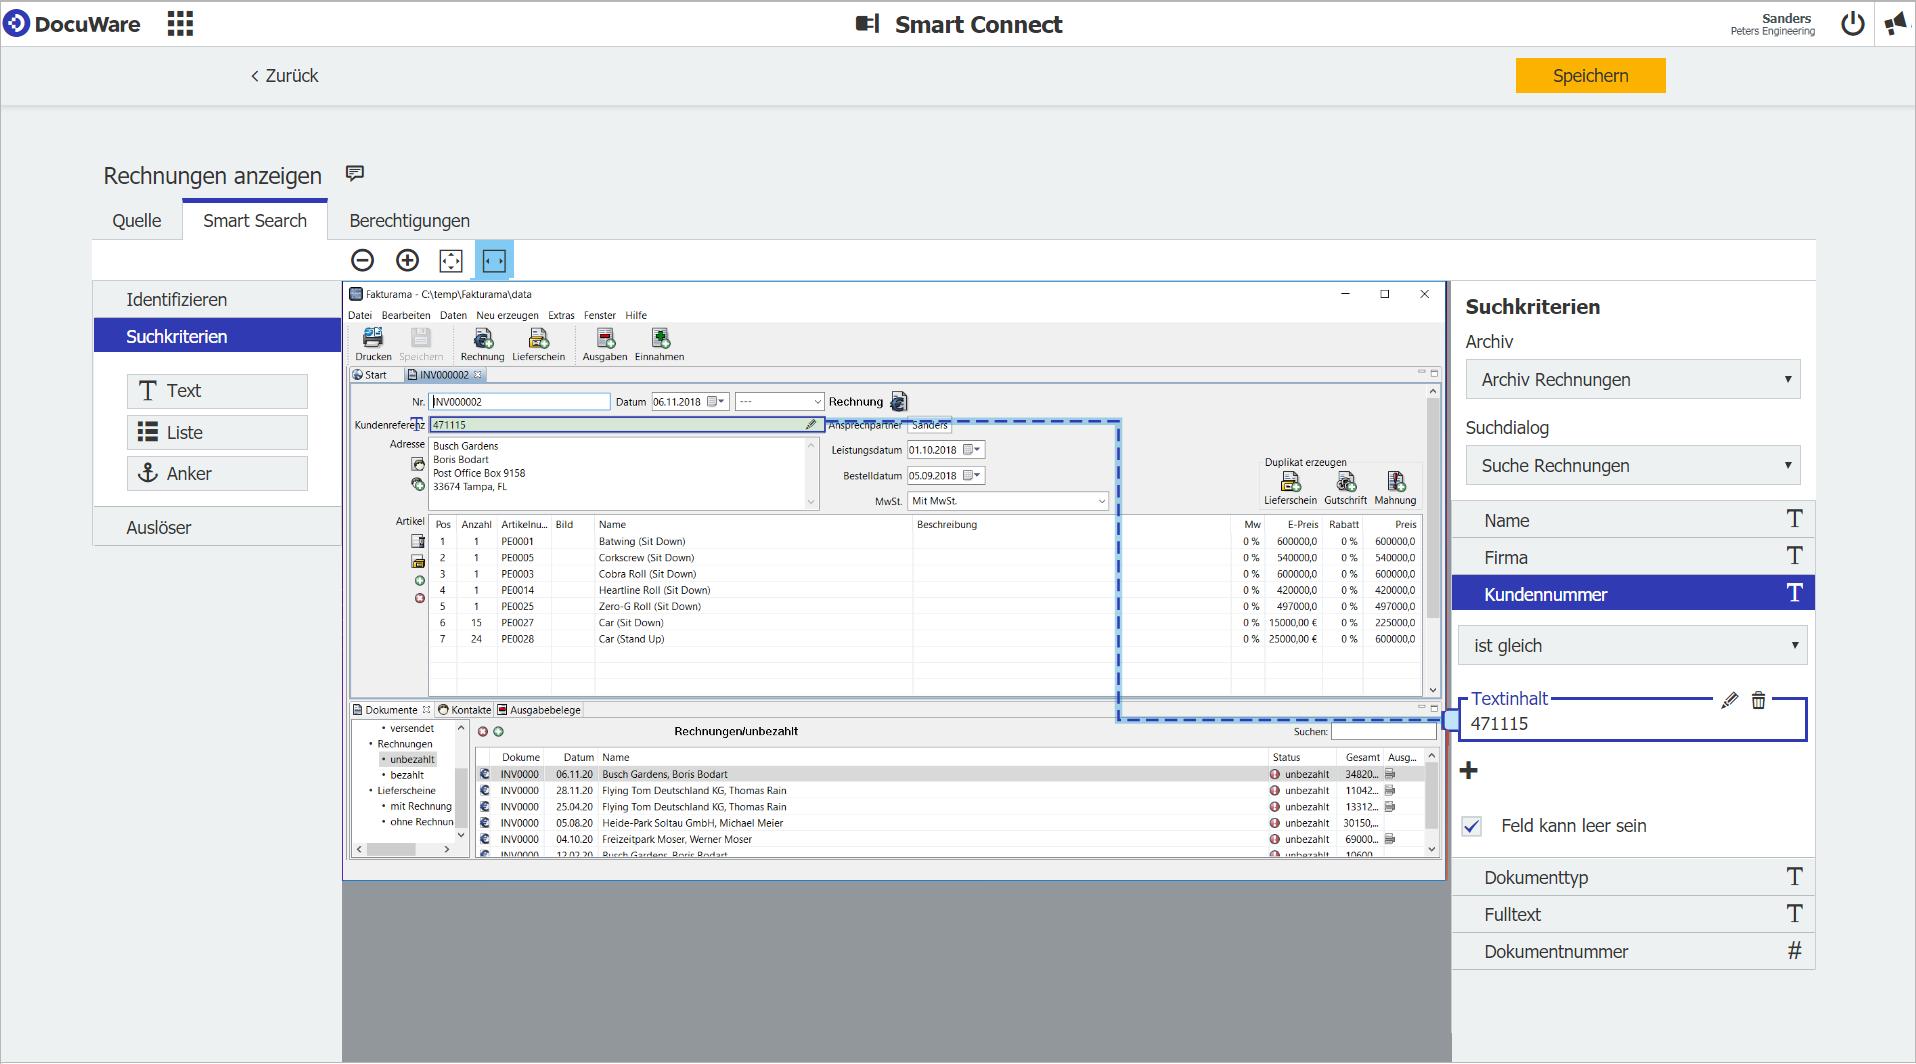 DocuWare Smart Connect: Erfassen Sie mit einem Screenshot das Fenster Ihrer Hauptanwendung, hier Ihres Buchhaltungsprogramms, und platzieren darin zum Beispiel den Smart-Search-Button für eine Suche